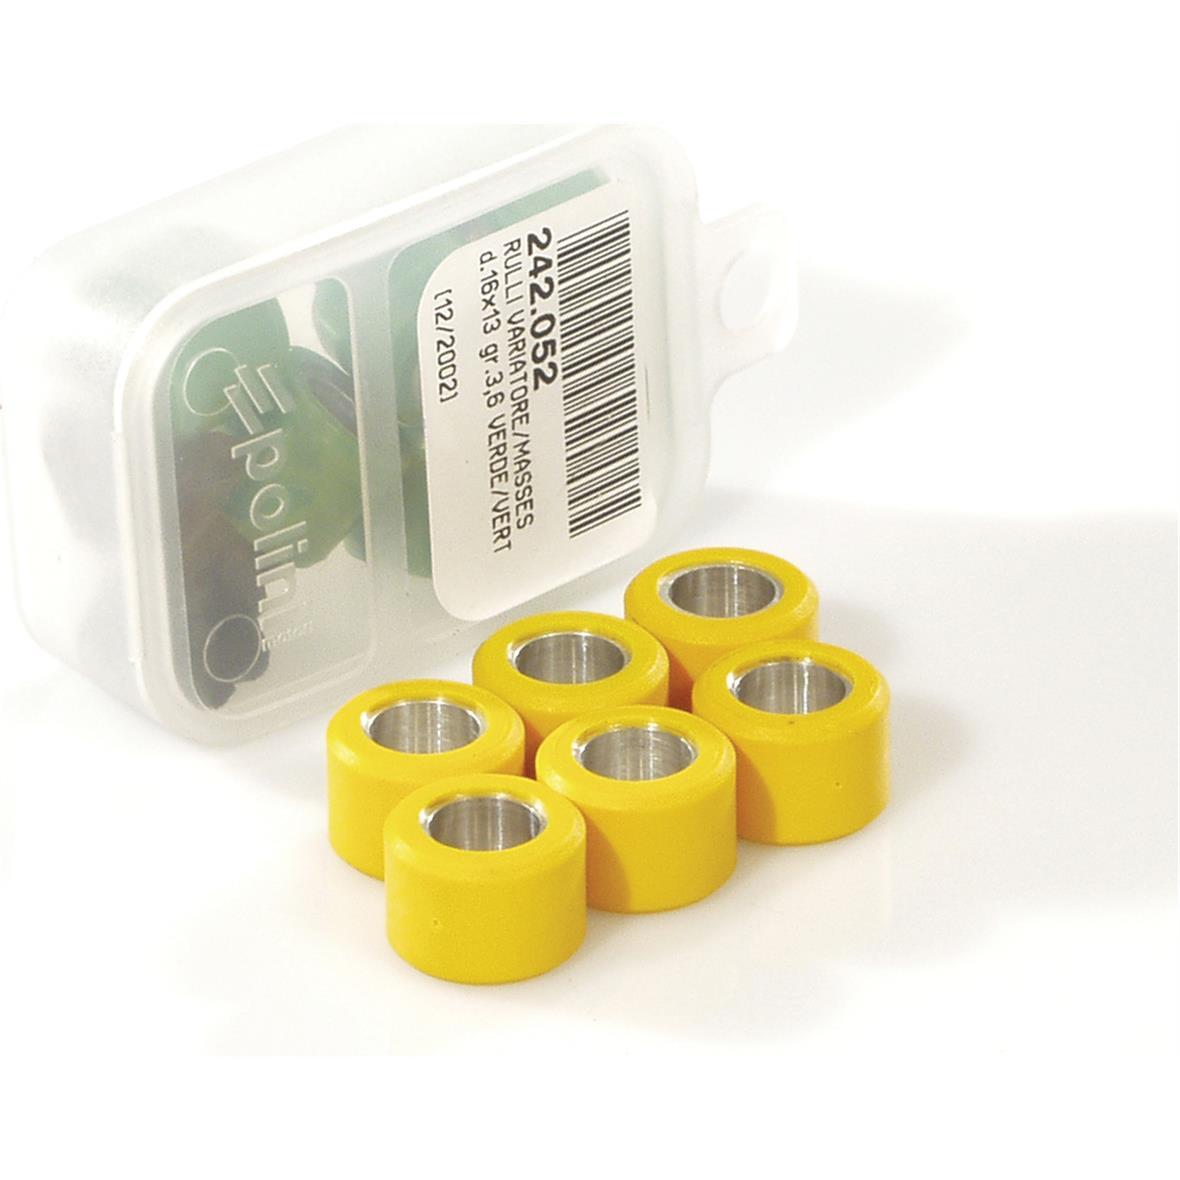 Εικόνα προϊόντος για 'Ράουλα Βαριατόρ POLINI 23x18 mm 26,0 γραμμάριοTitle'